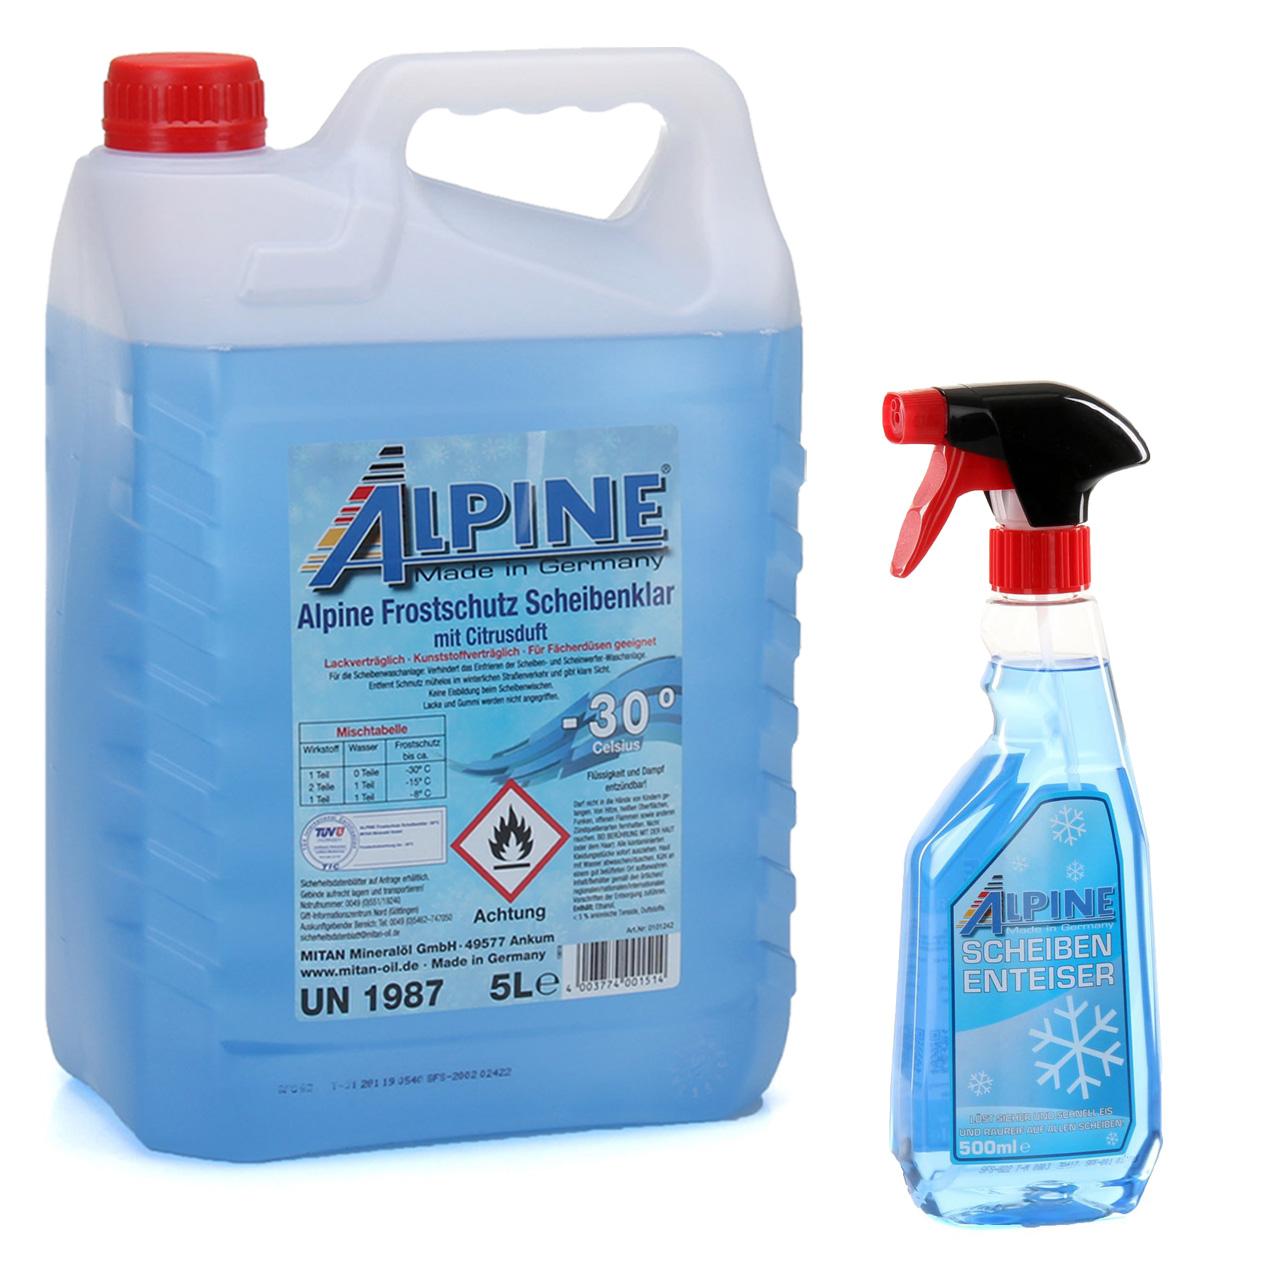 ALPINE SCHEIBENKLAR Scheibenfrostschutz -30°C 5 L + Scheibenenteiser 500ml